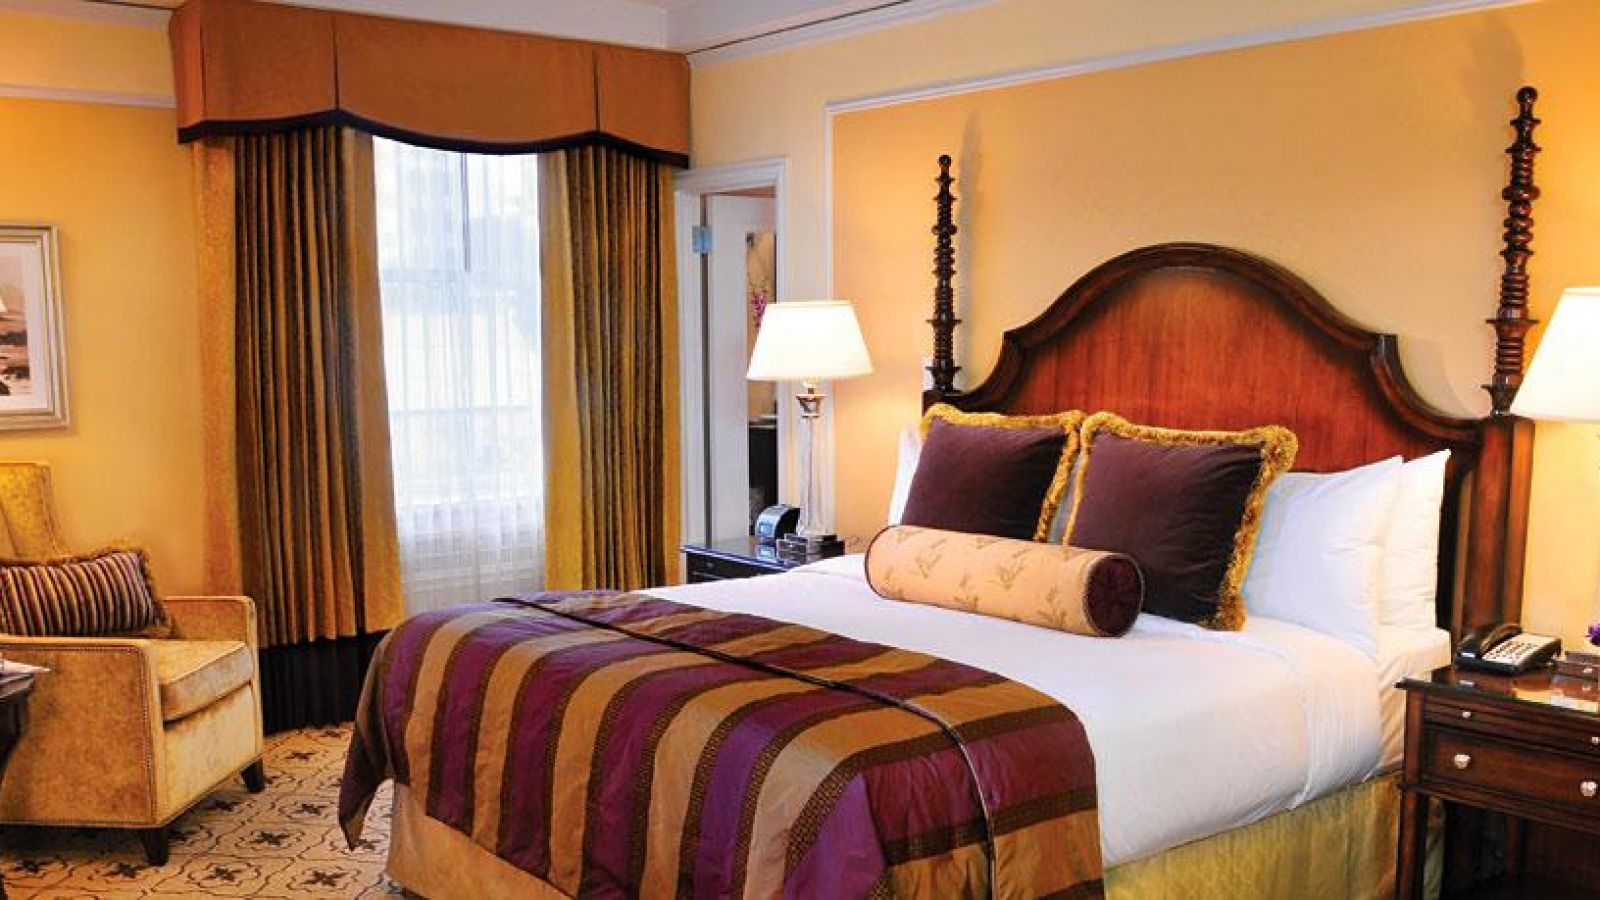 Fairmont Hotel Vancouver - guest room